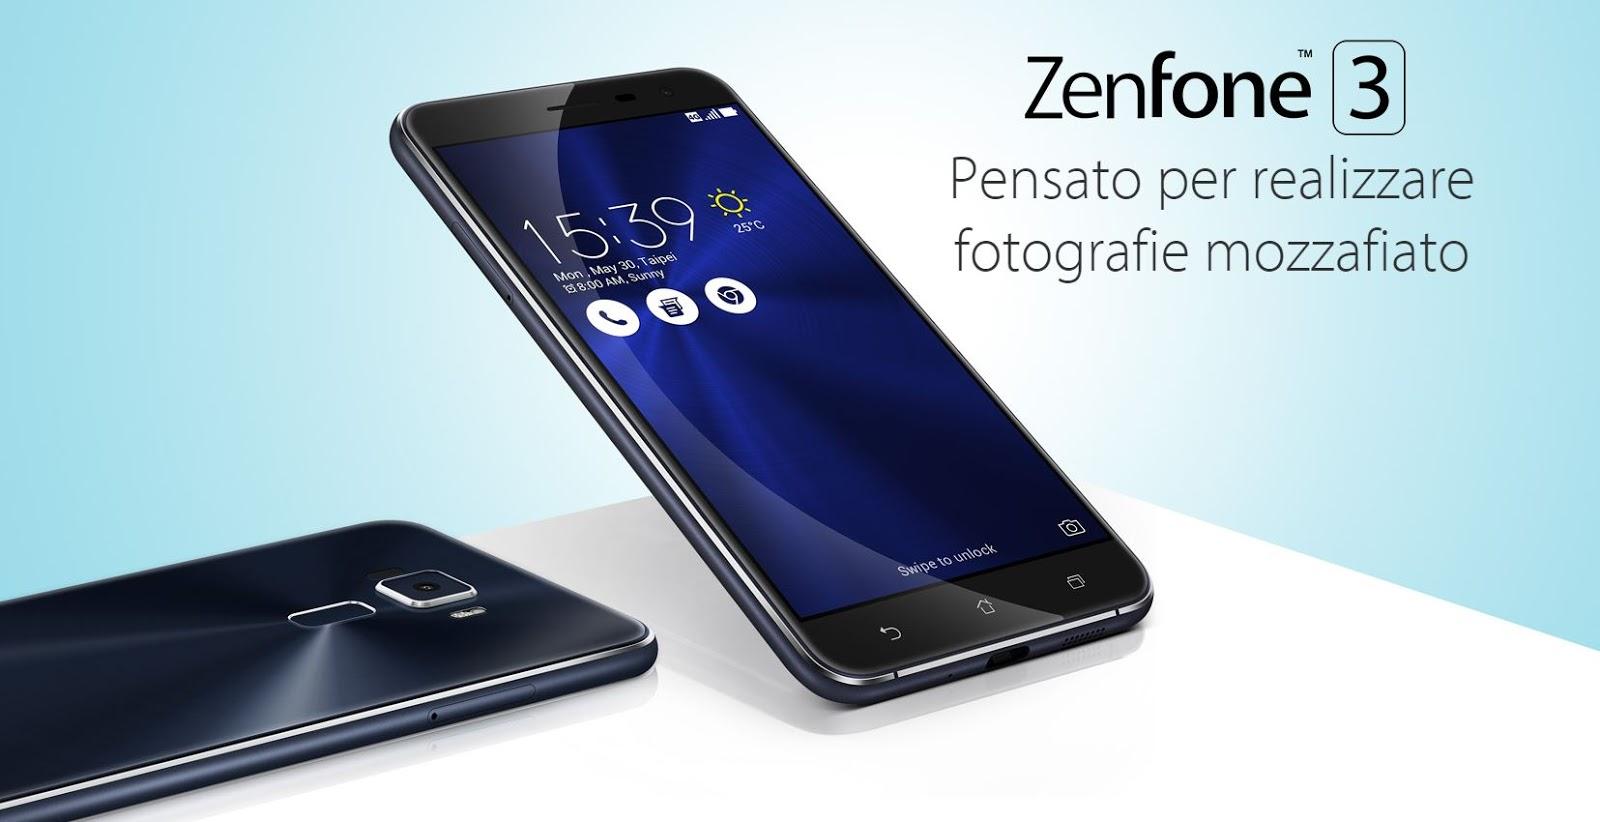 Asus Zenfone 3 caratteristiche, scheda tecnica e prezzo più basso